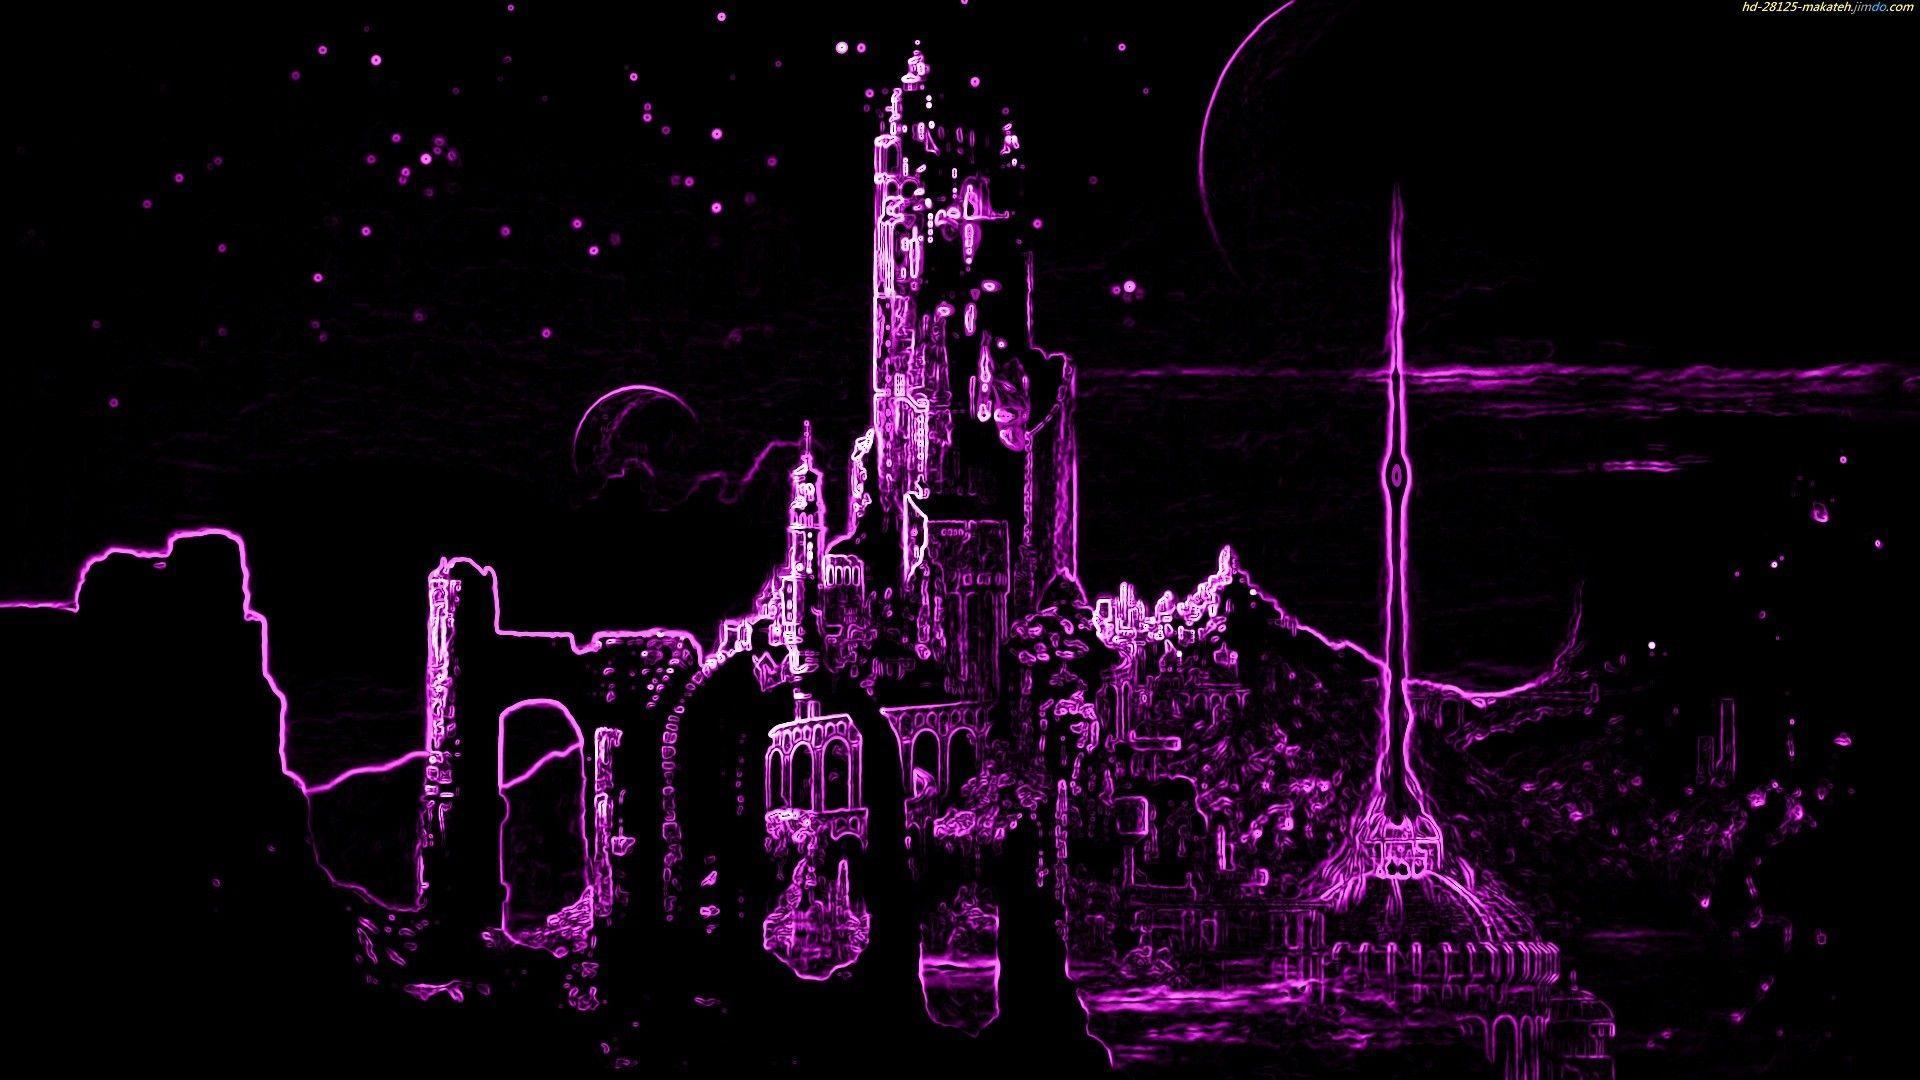 Aesthetic Purple Neon Computer Wallpapers Top Free Aesthetic Purple Neon Computer Backgrounds Wallpaperaccess